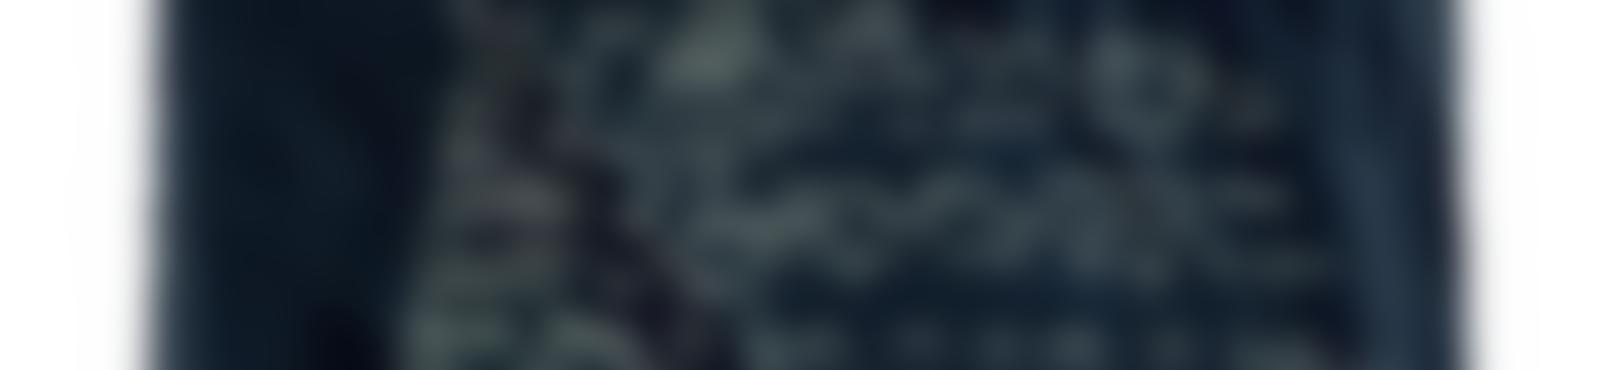 Blurred be8071c9 83df 4b92 b57d 40de41315130